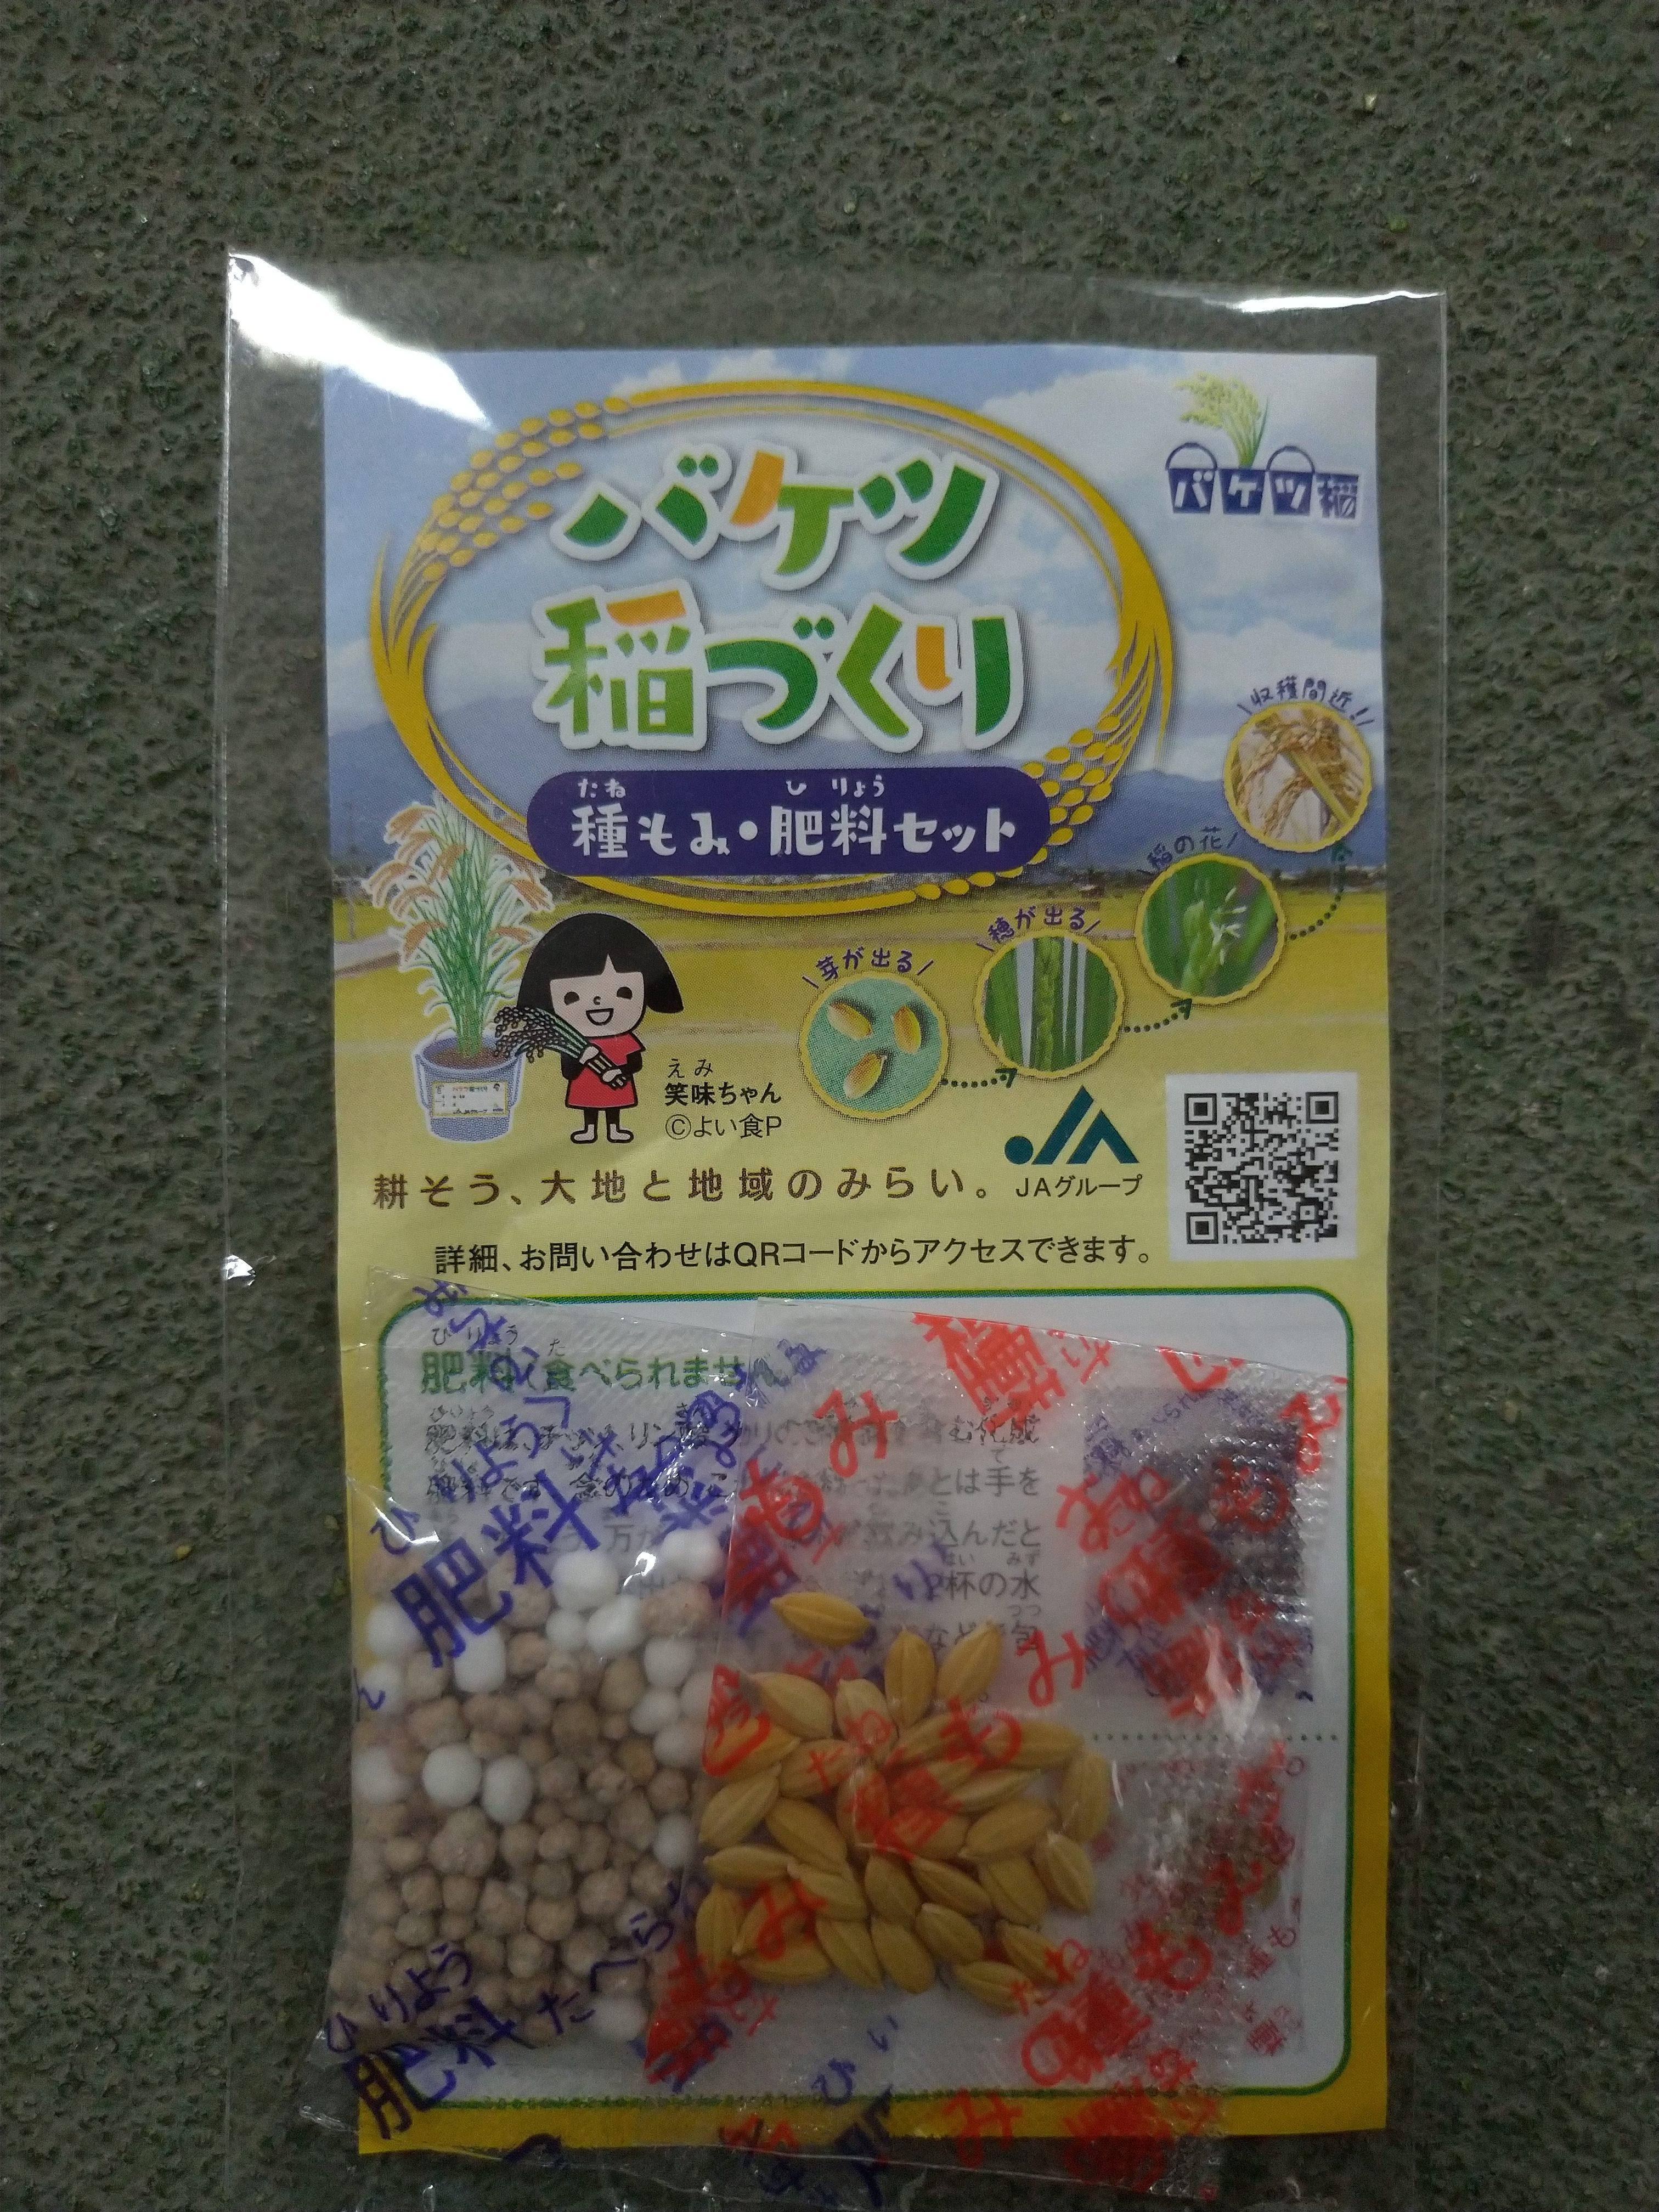 JAグループのバケツ稲づくり種もみ肥料セットで米作りを学ぶ